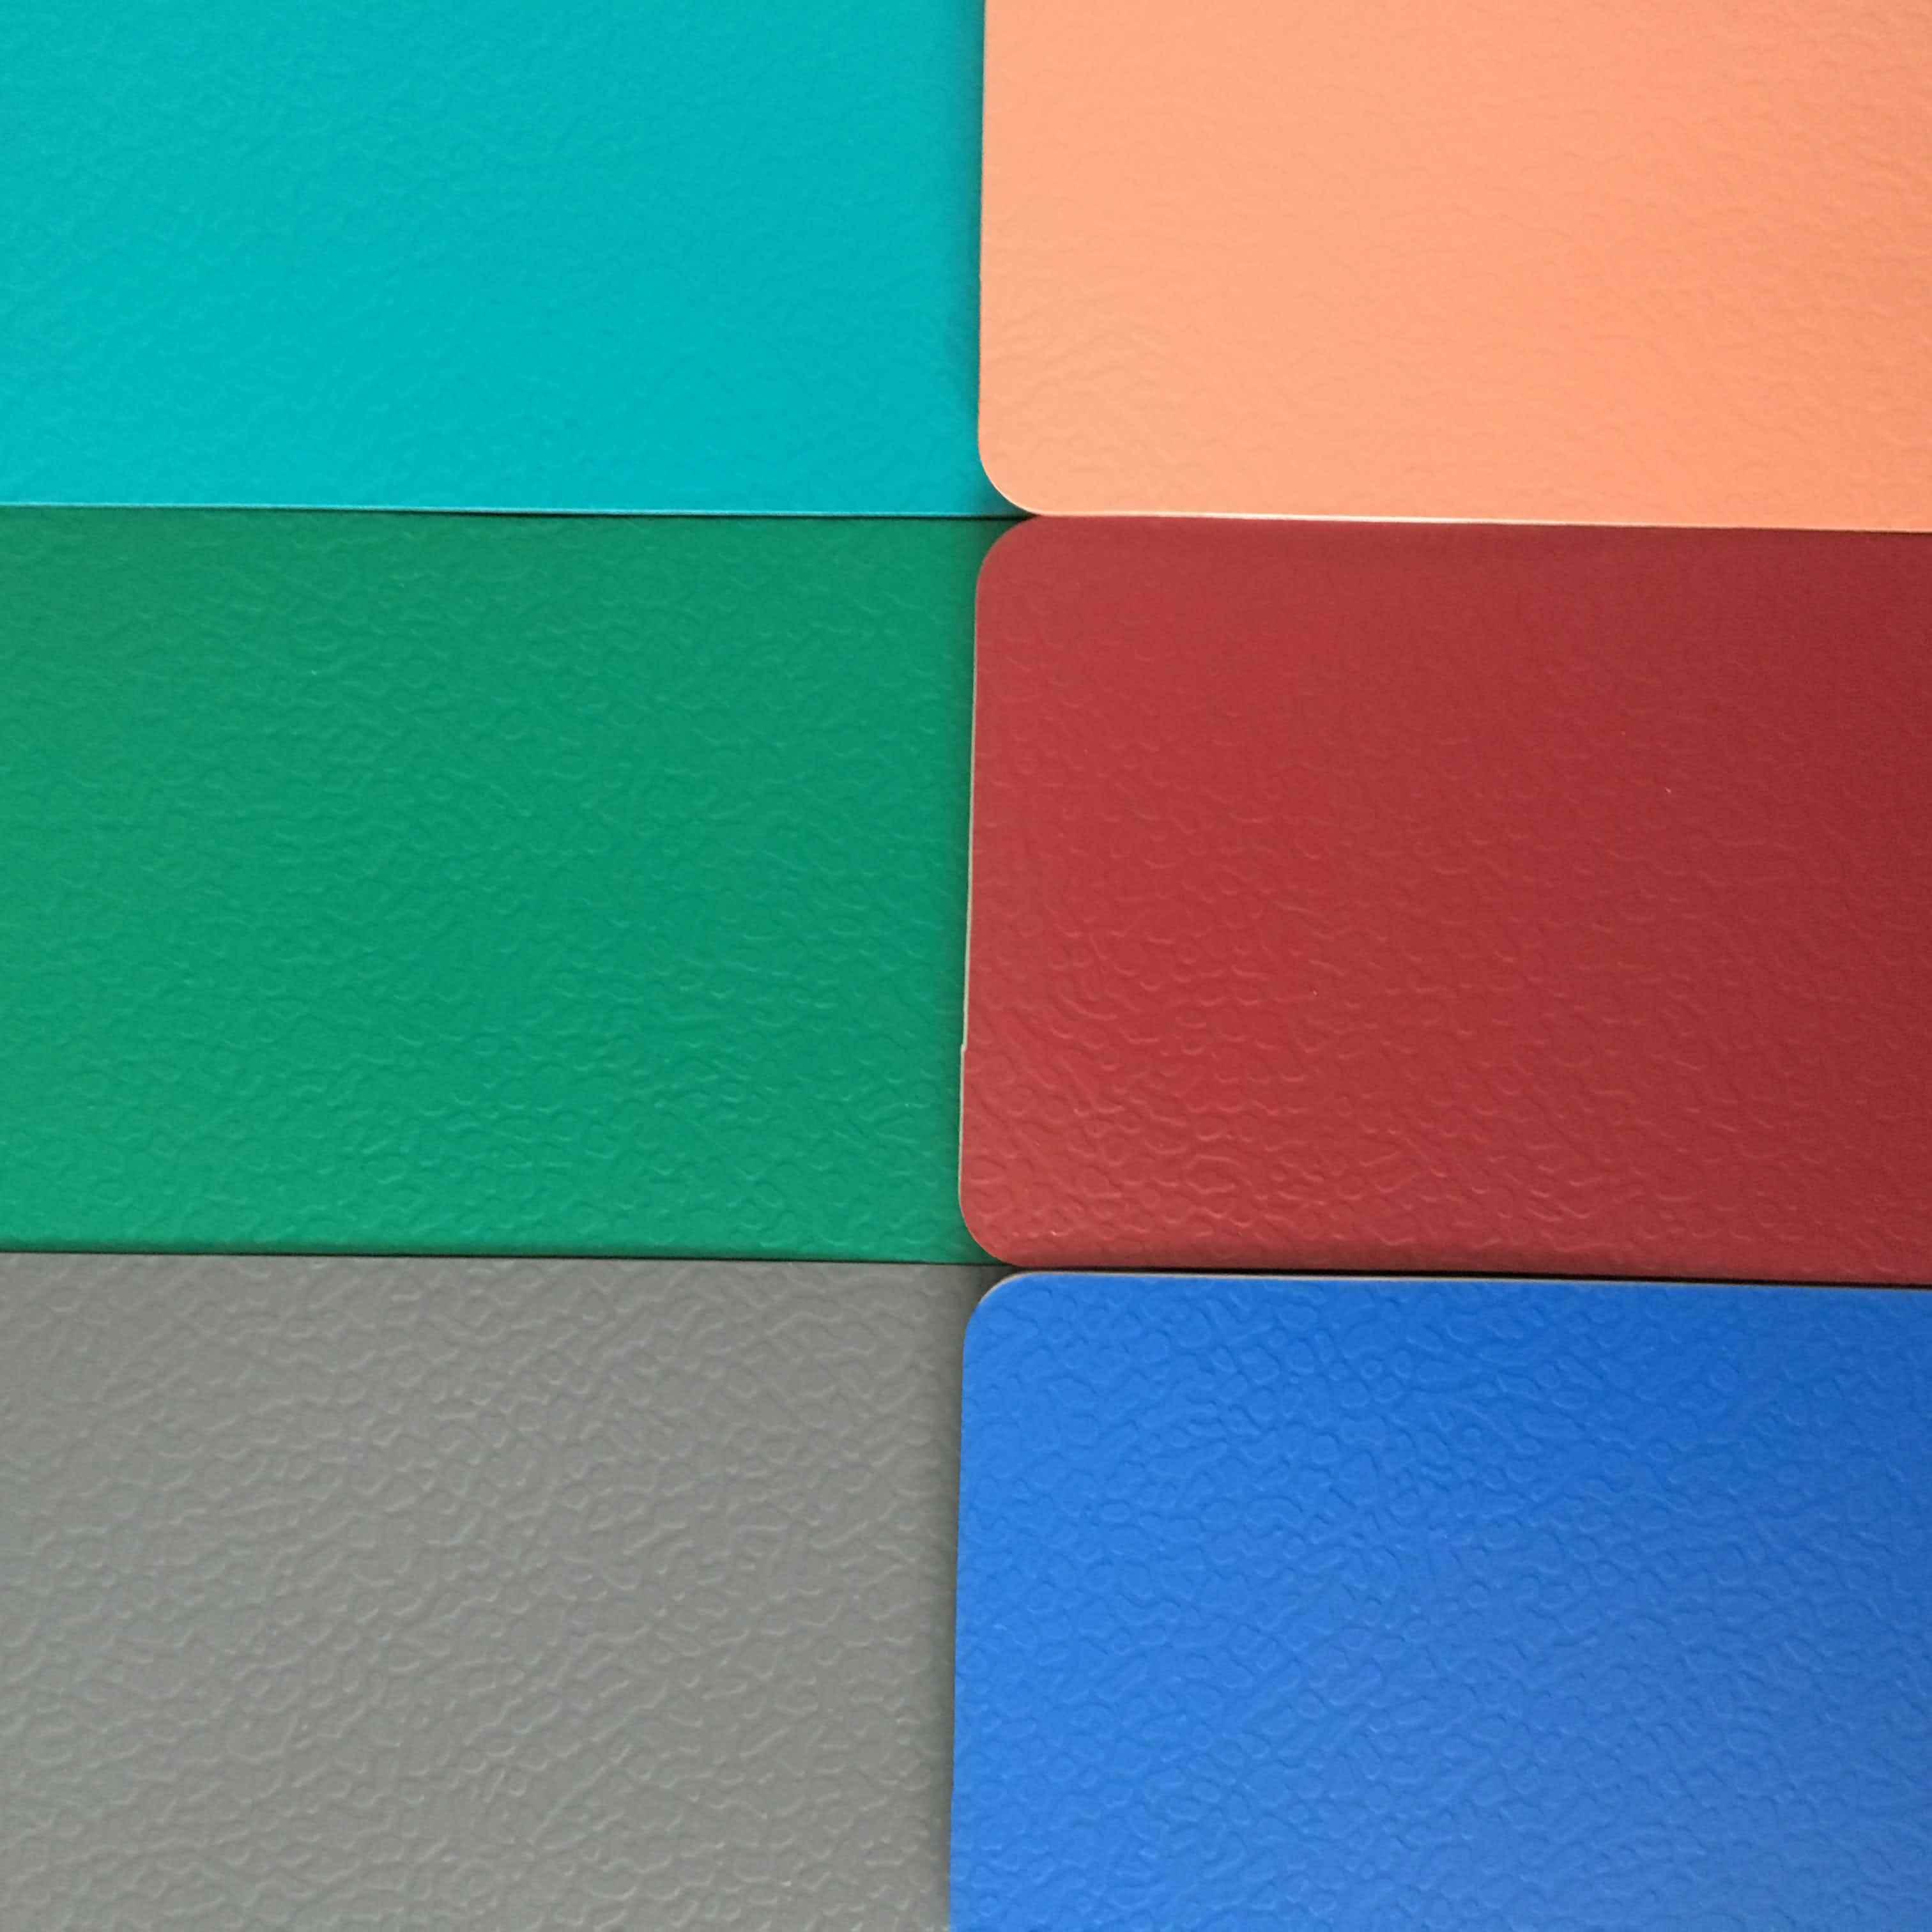 宝石纹4.5mm羽毛球地胶乒乓球运动地板胶健身房塑胶板PVC地垫多色